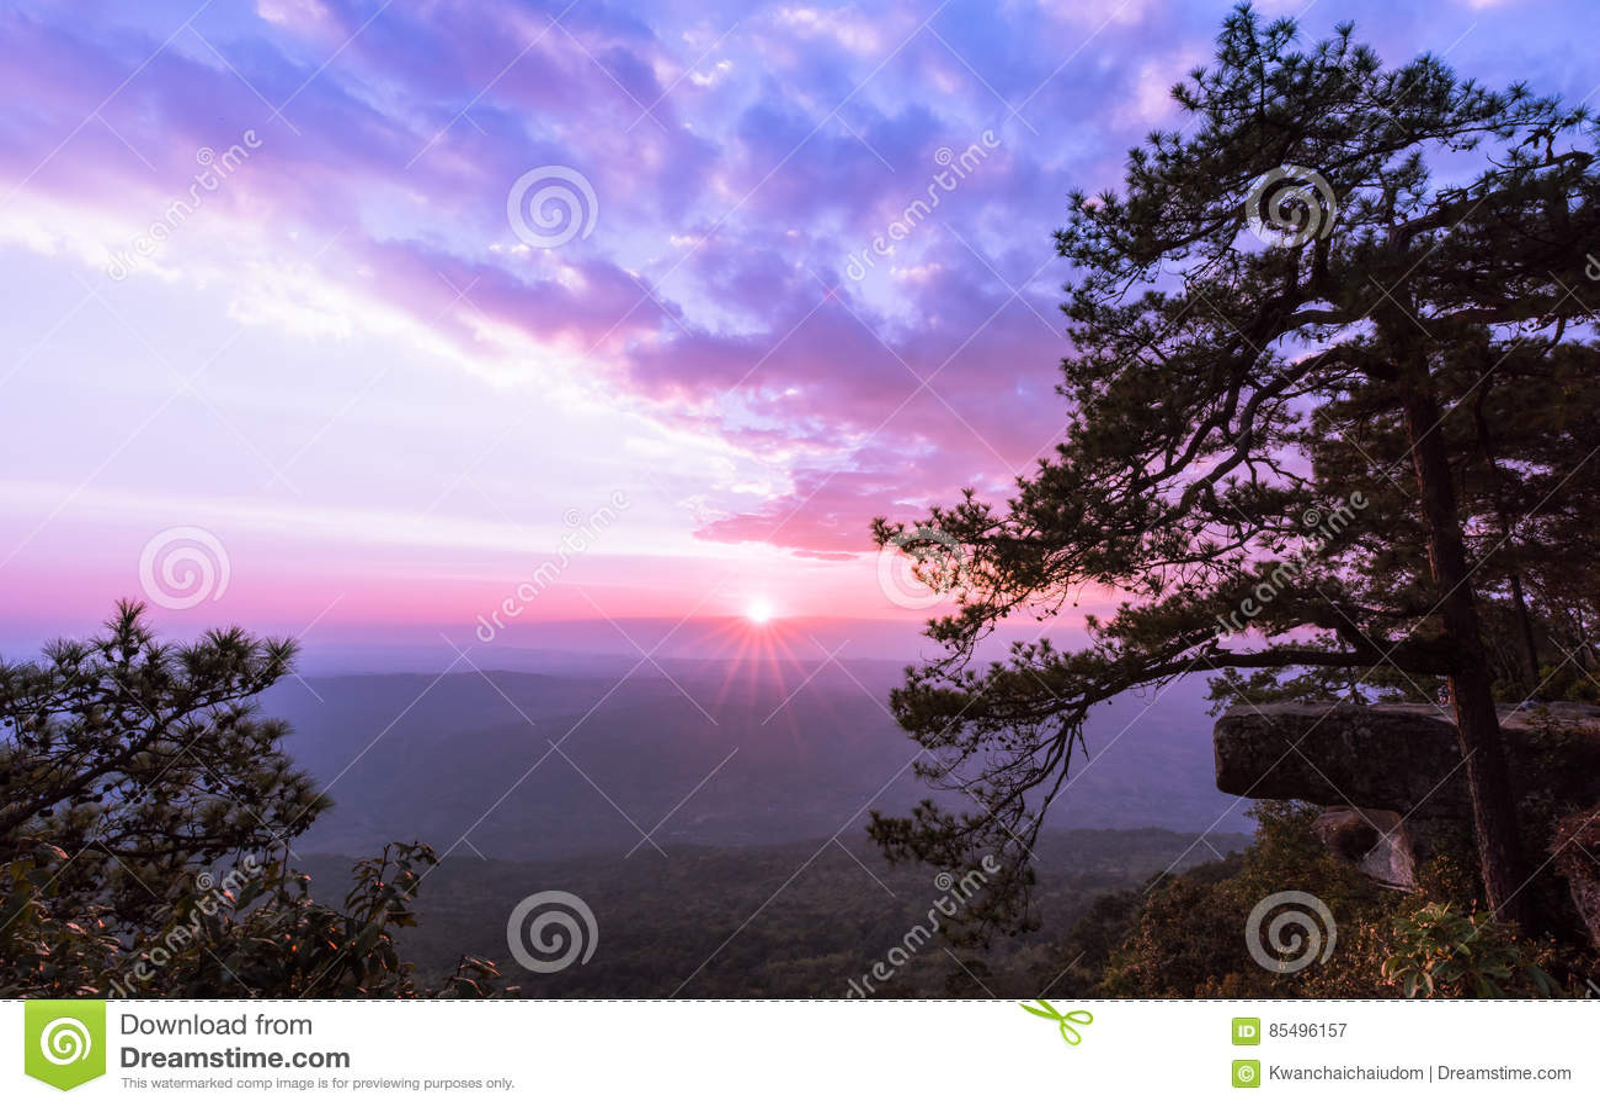 Por do sol bonito no penhasco de Lom Sak, parque nacional de Phu Kradung